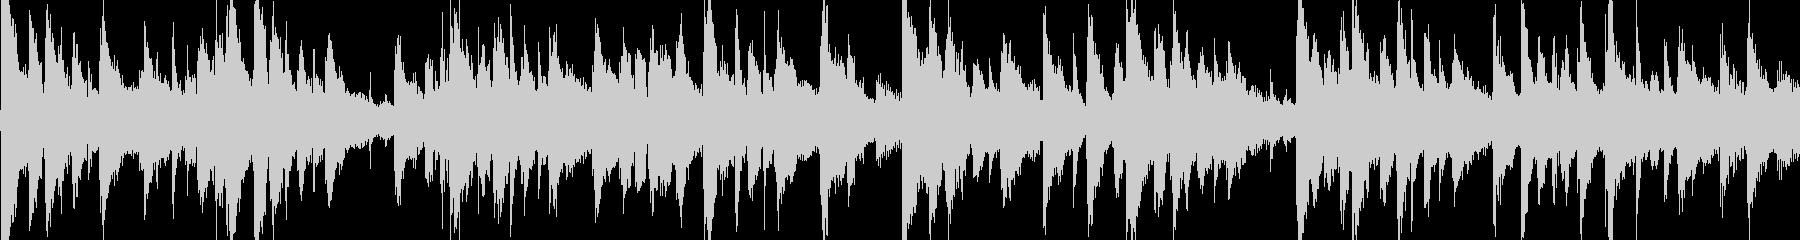 ゆっくりとしたグルーヴィーなラテン...の未再生の波形